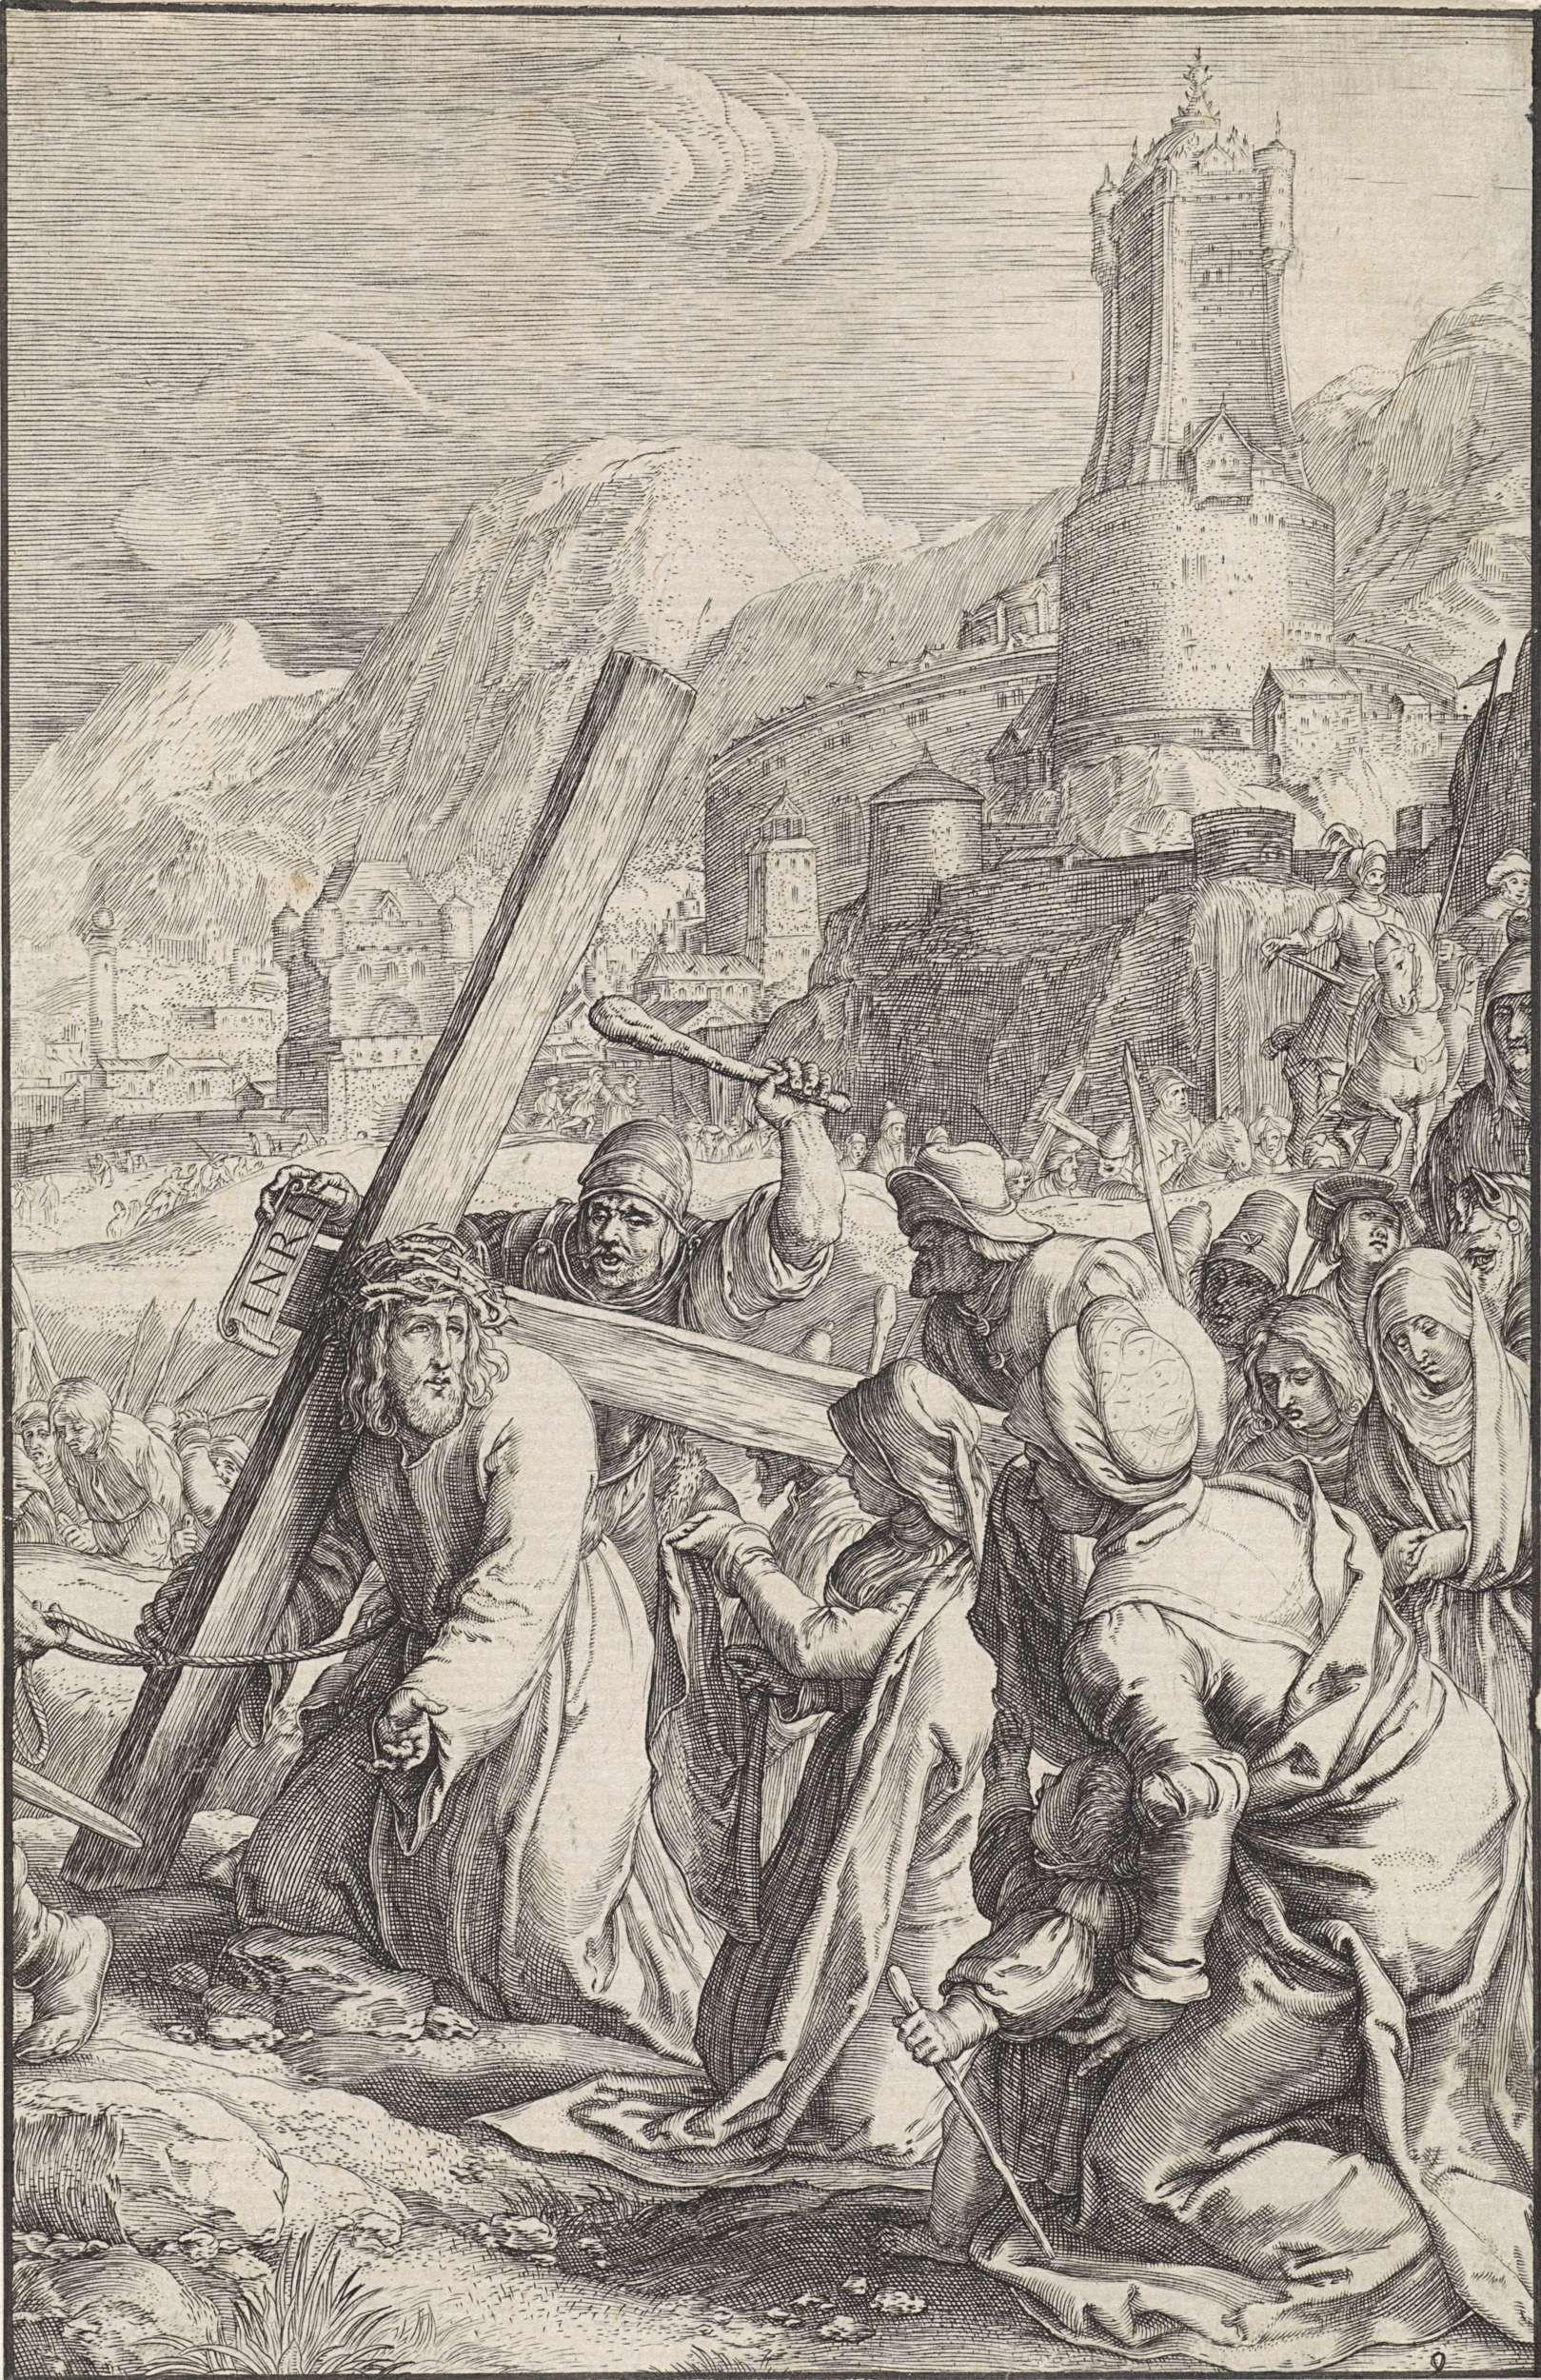 Ludovicus Siceram | Kruisdraging, Ludovicus Siceram, Hendrick Goltzius, 1623 | Christus draagt het kruis naar Golgota. Veronica knielt naast hem en biedt hem een doek aan. Achter hen de stoet met onder andere Maria en Johannes. Op de achtergrond Jeruzalem.